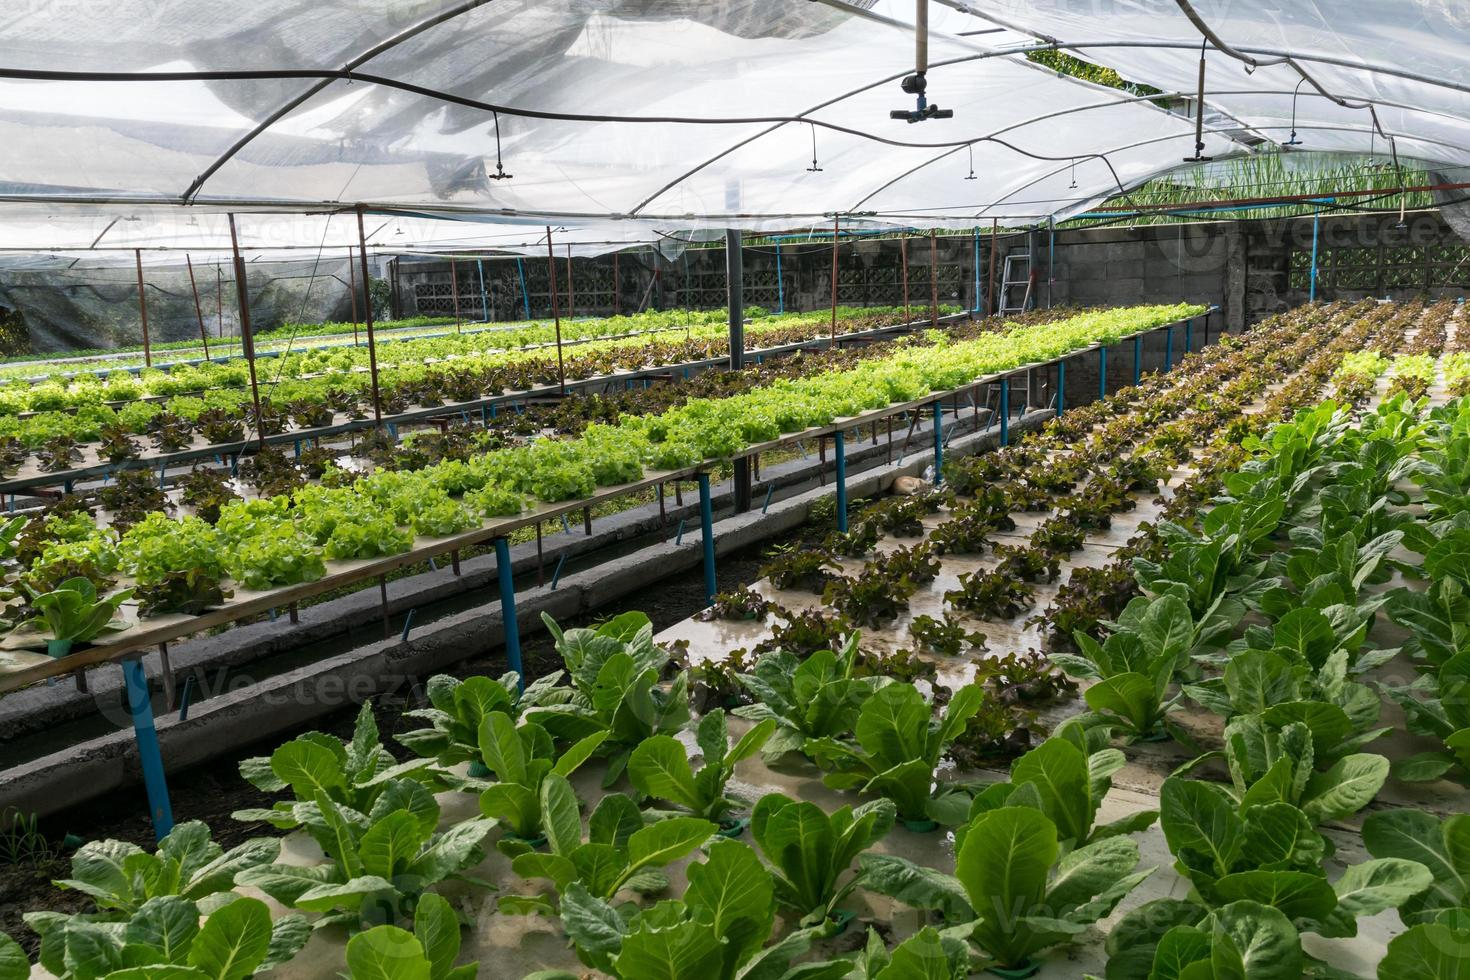 légumes hydroponiques poussant en serre photo